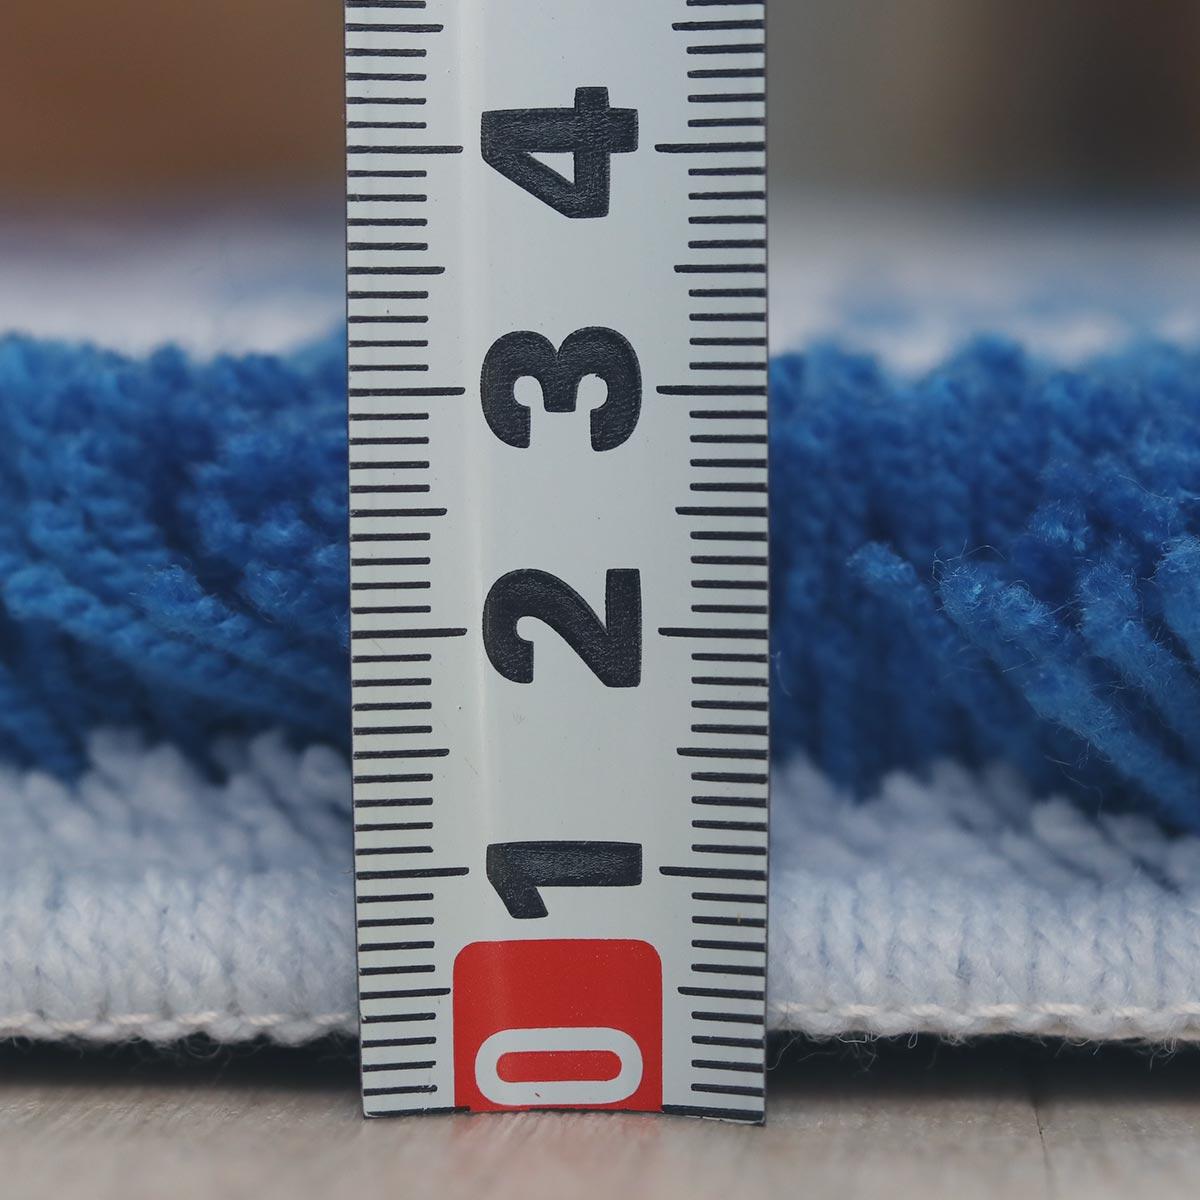 パイル長約10〜15mm。ふっくらとした踏み心地。